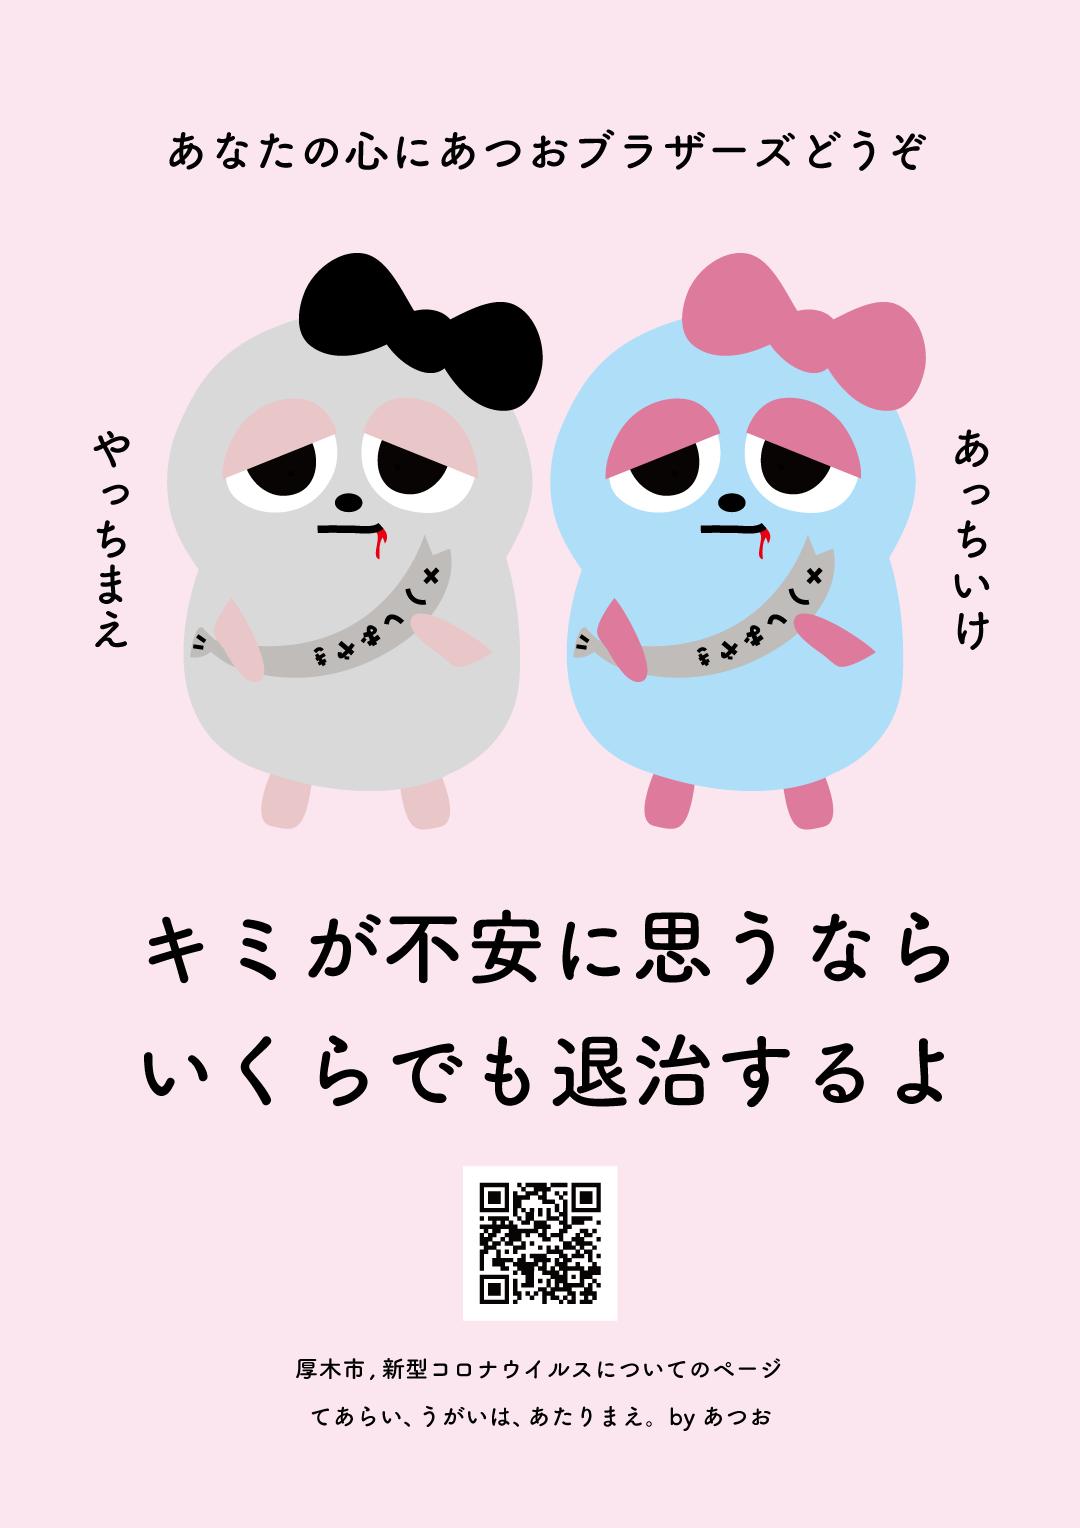 ファイルダウンロード pdf ウイルス